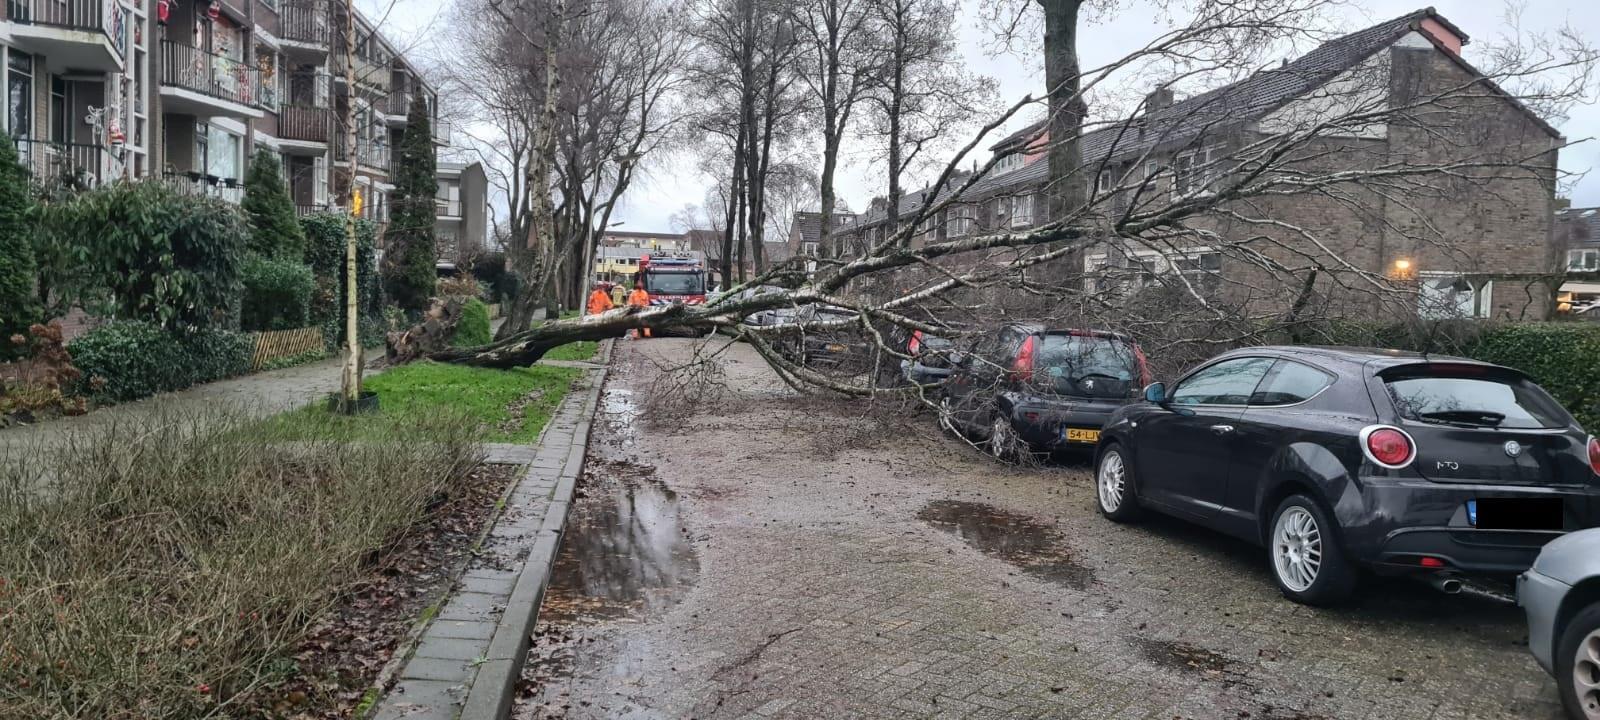 Stormschade: omgevallen bomen, vliegende dakpannen en een weggewaaide tent